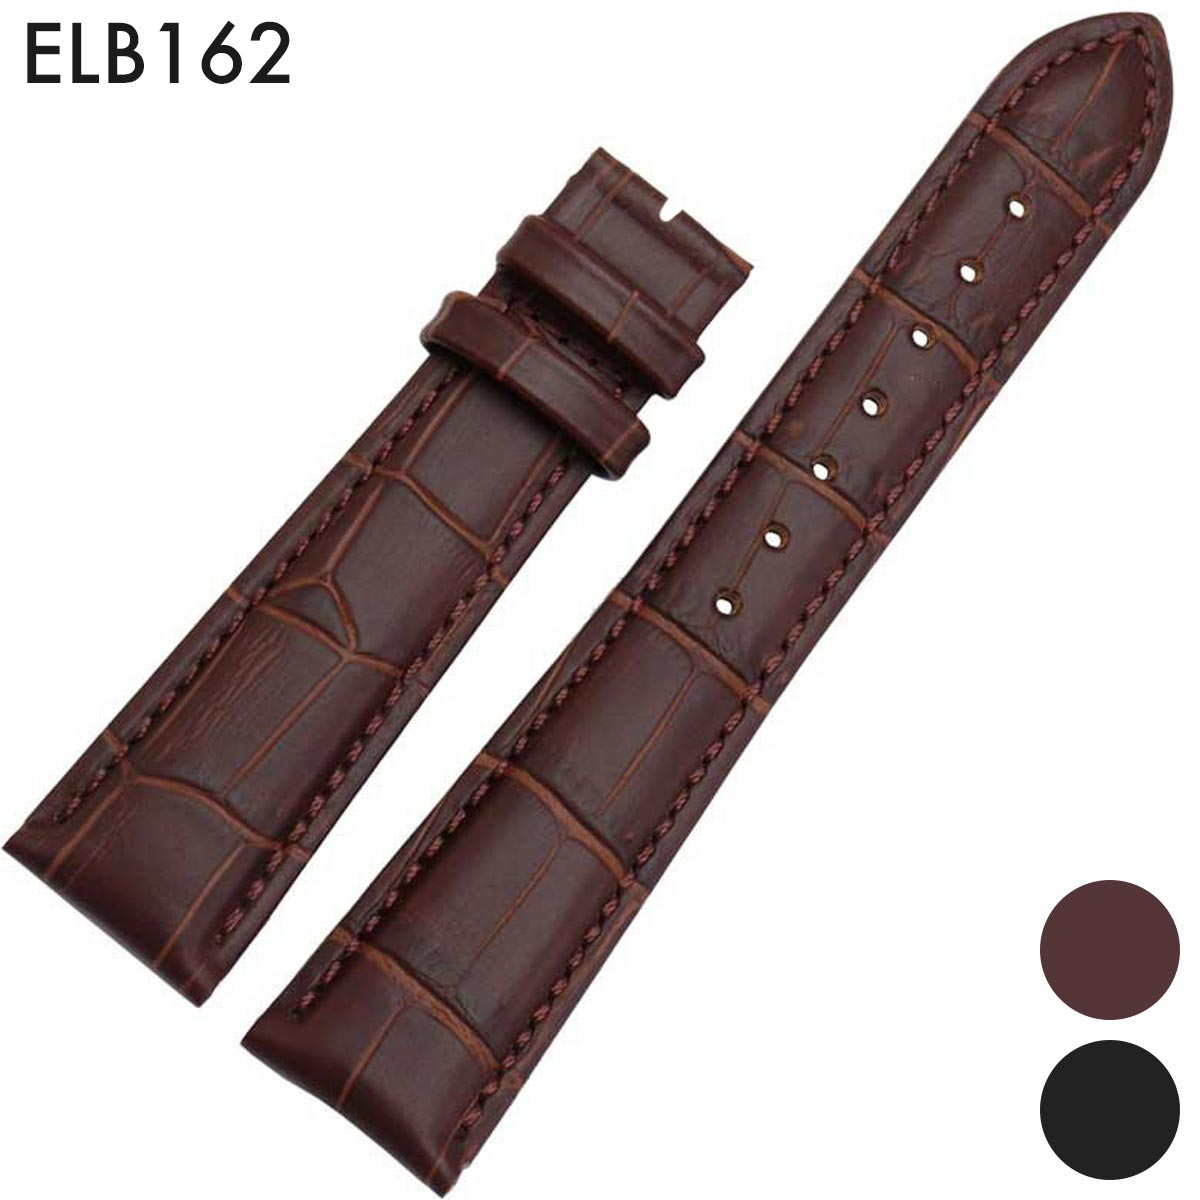 腕時計ベルト 腕時計バンド 替えストラップ 社外品 汎用レザーベルト 革ベルト 取付幅20mm 適用: Patek Philippe パテック・フィリップ、ZENIS ゼニス、Breguet ブレゲ (尾錠)バックルなし [ Eight - ELB162 ]